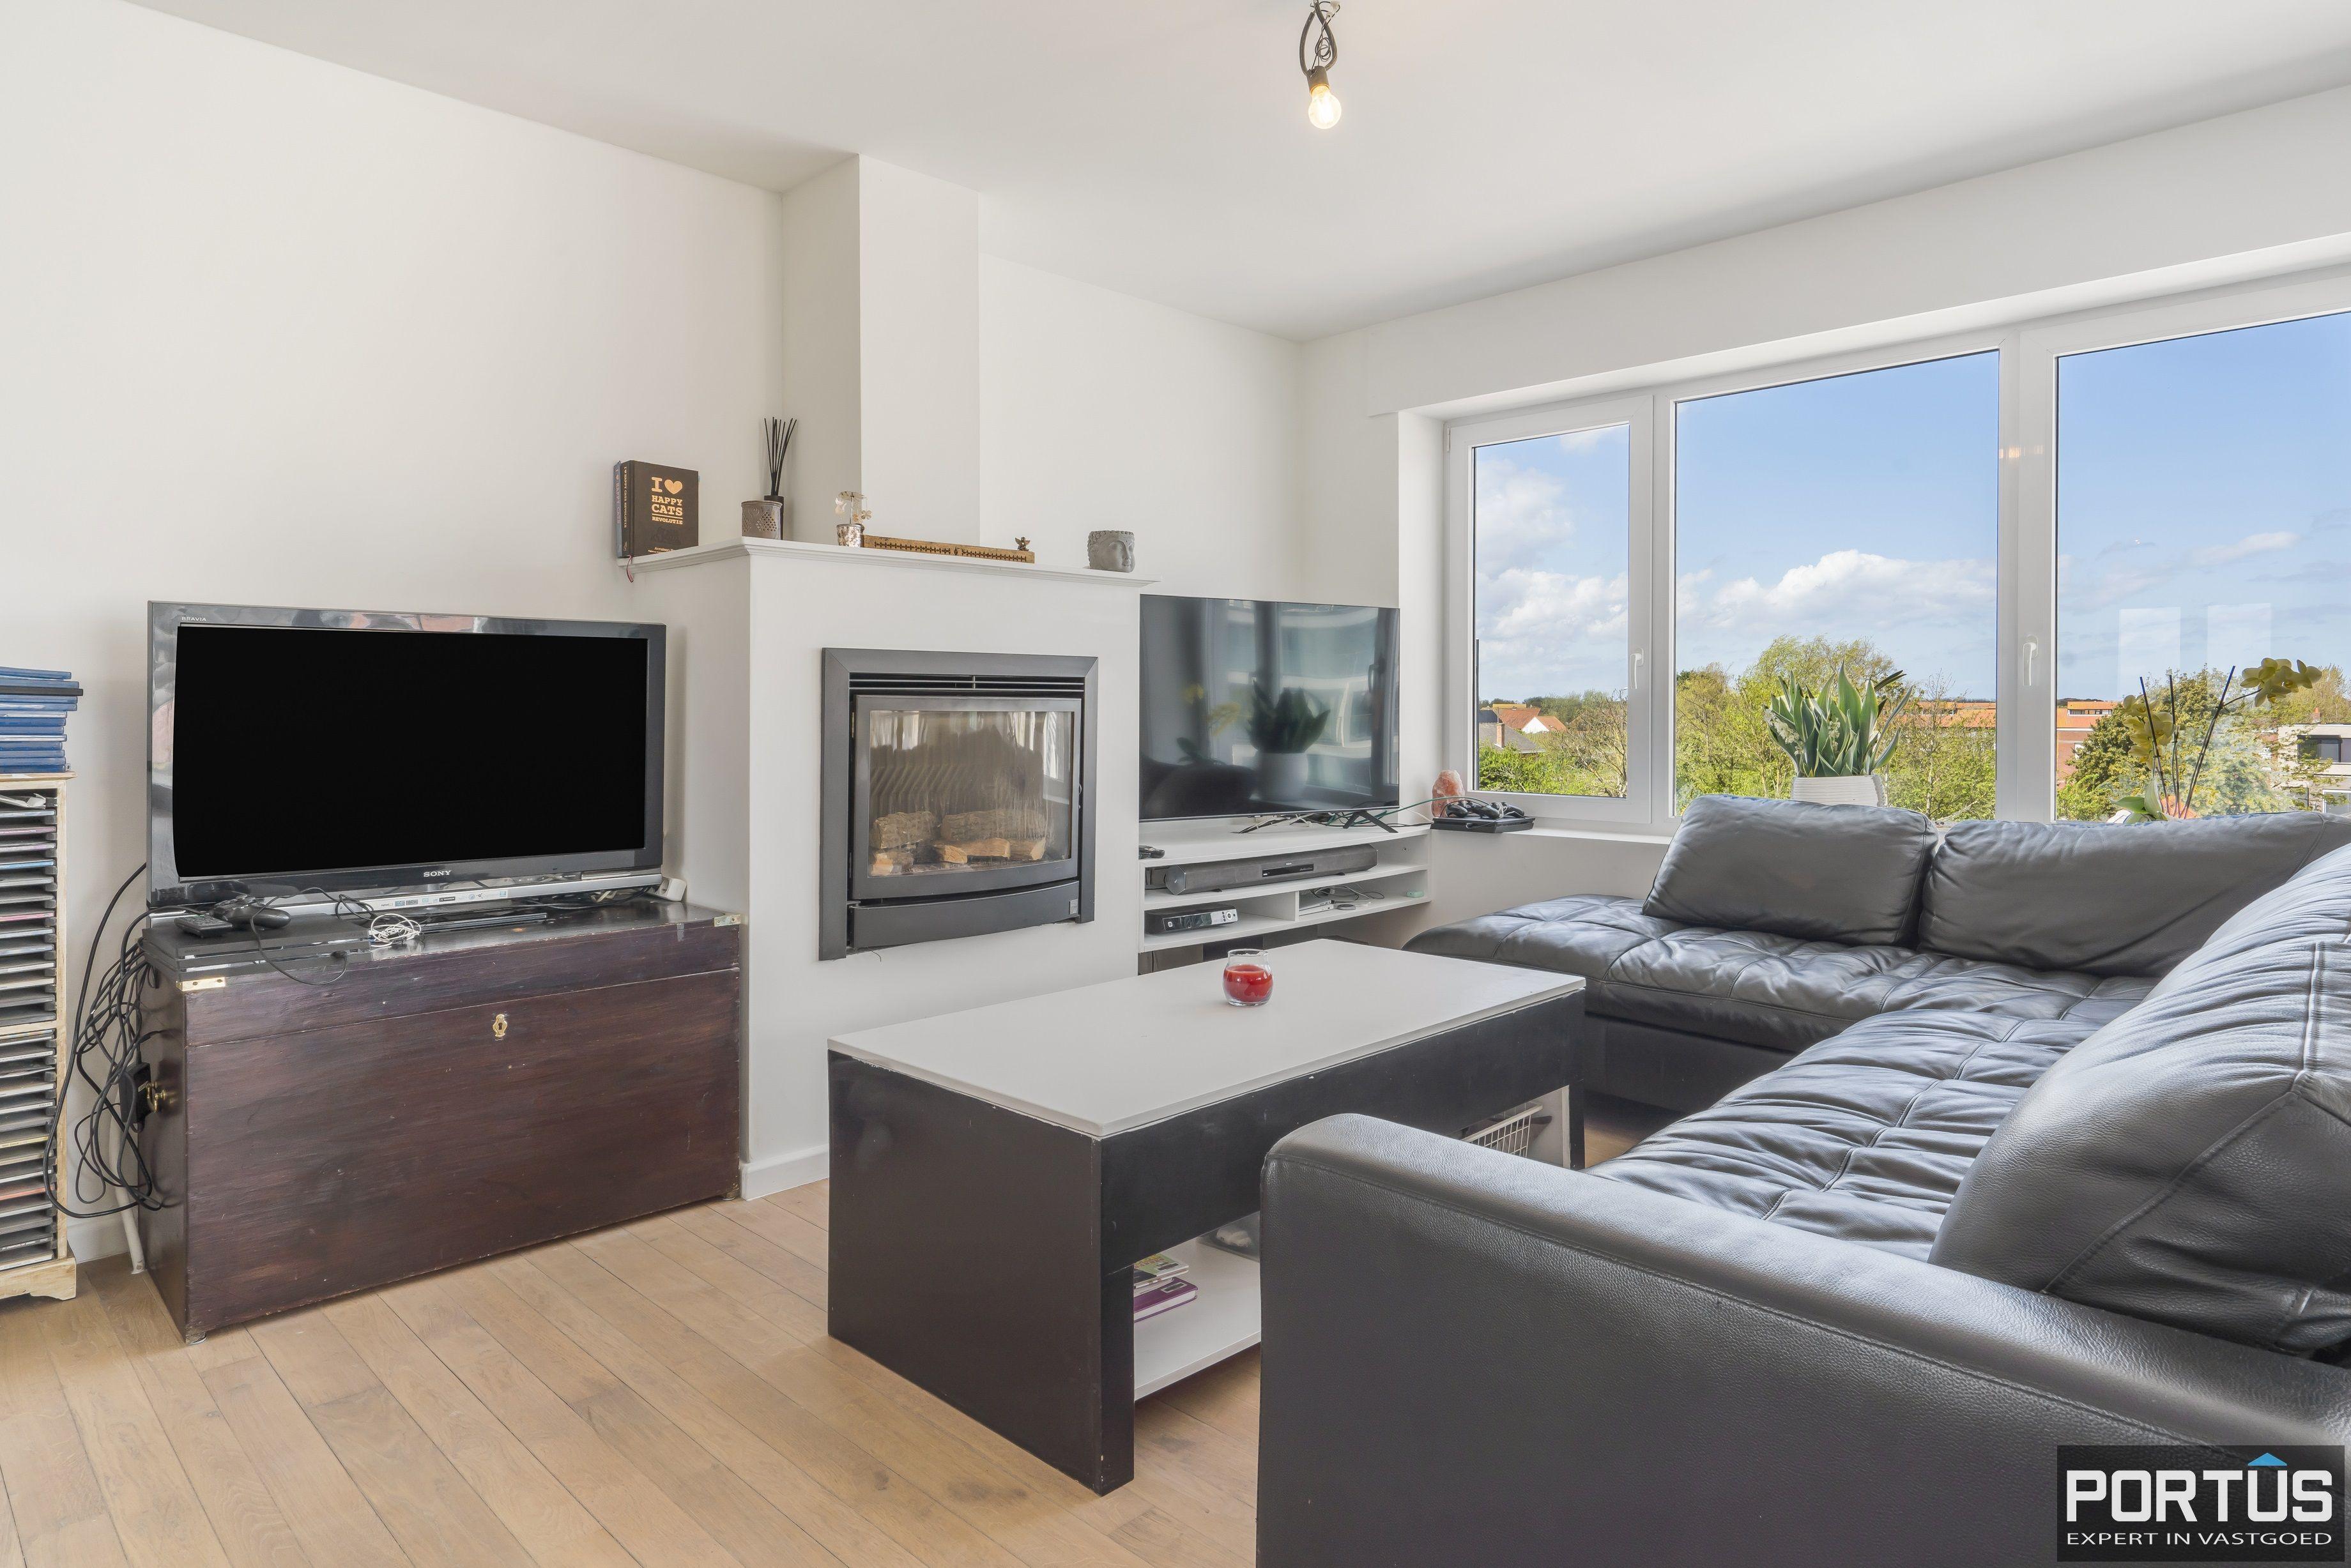 Appartement met 3 slaapkamers te koop te Westende - 12868